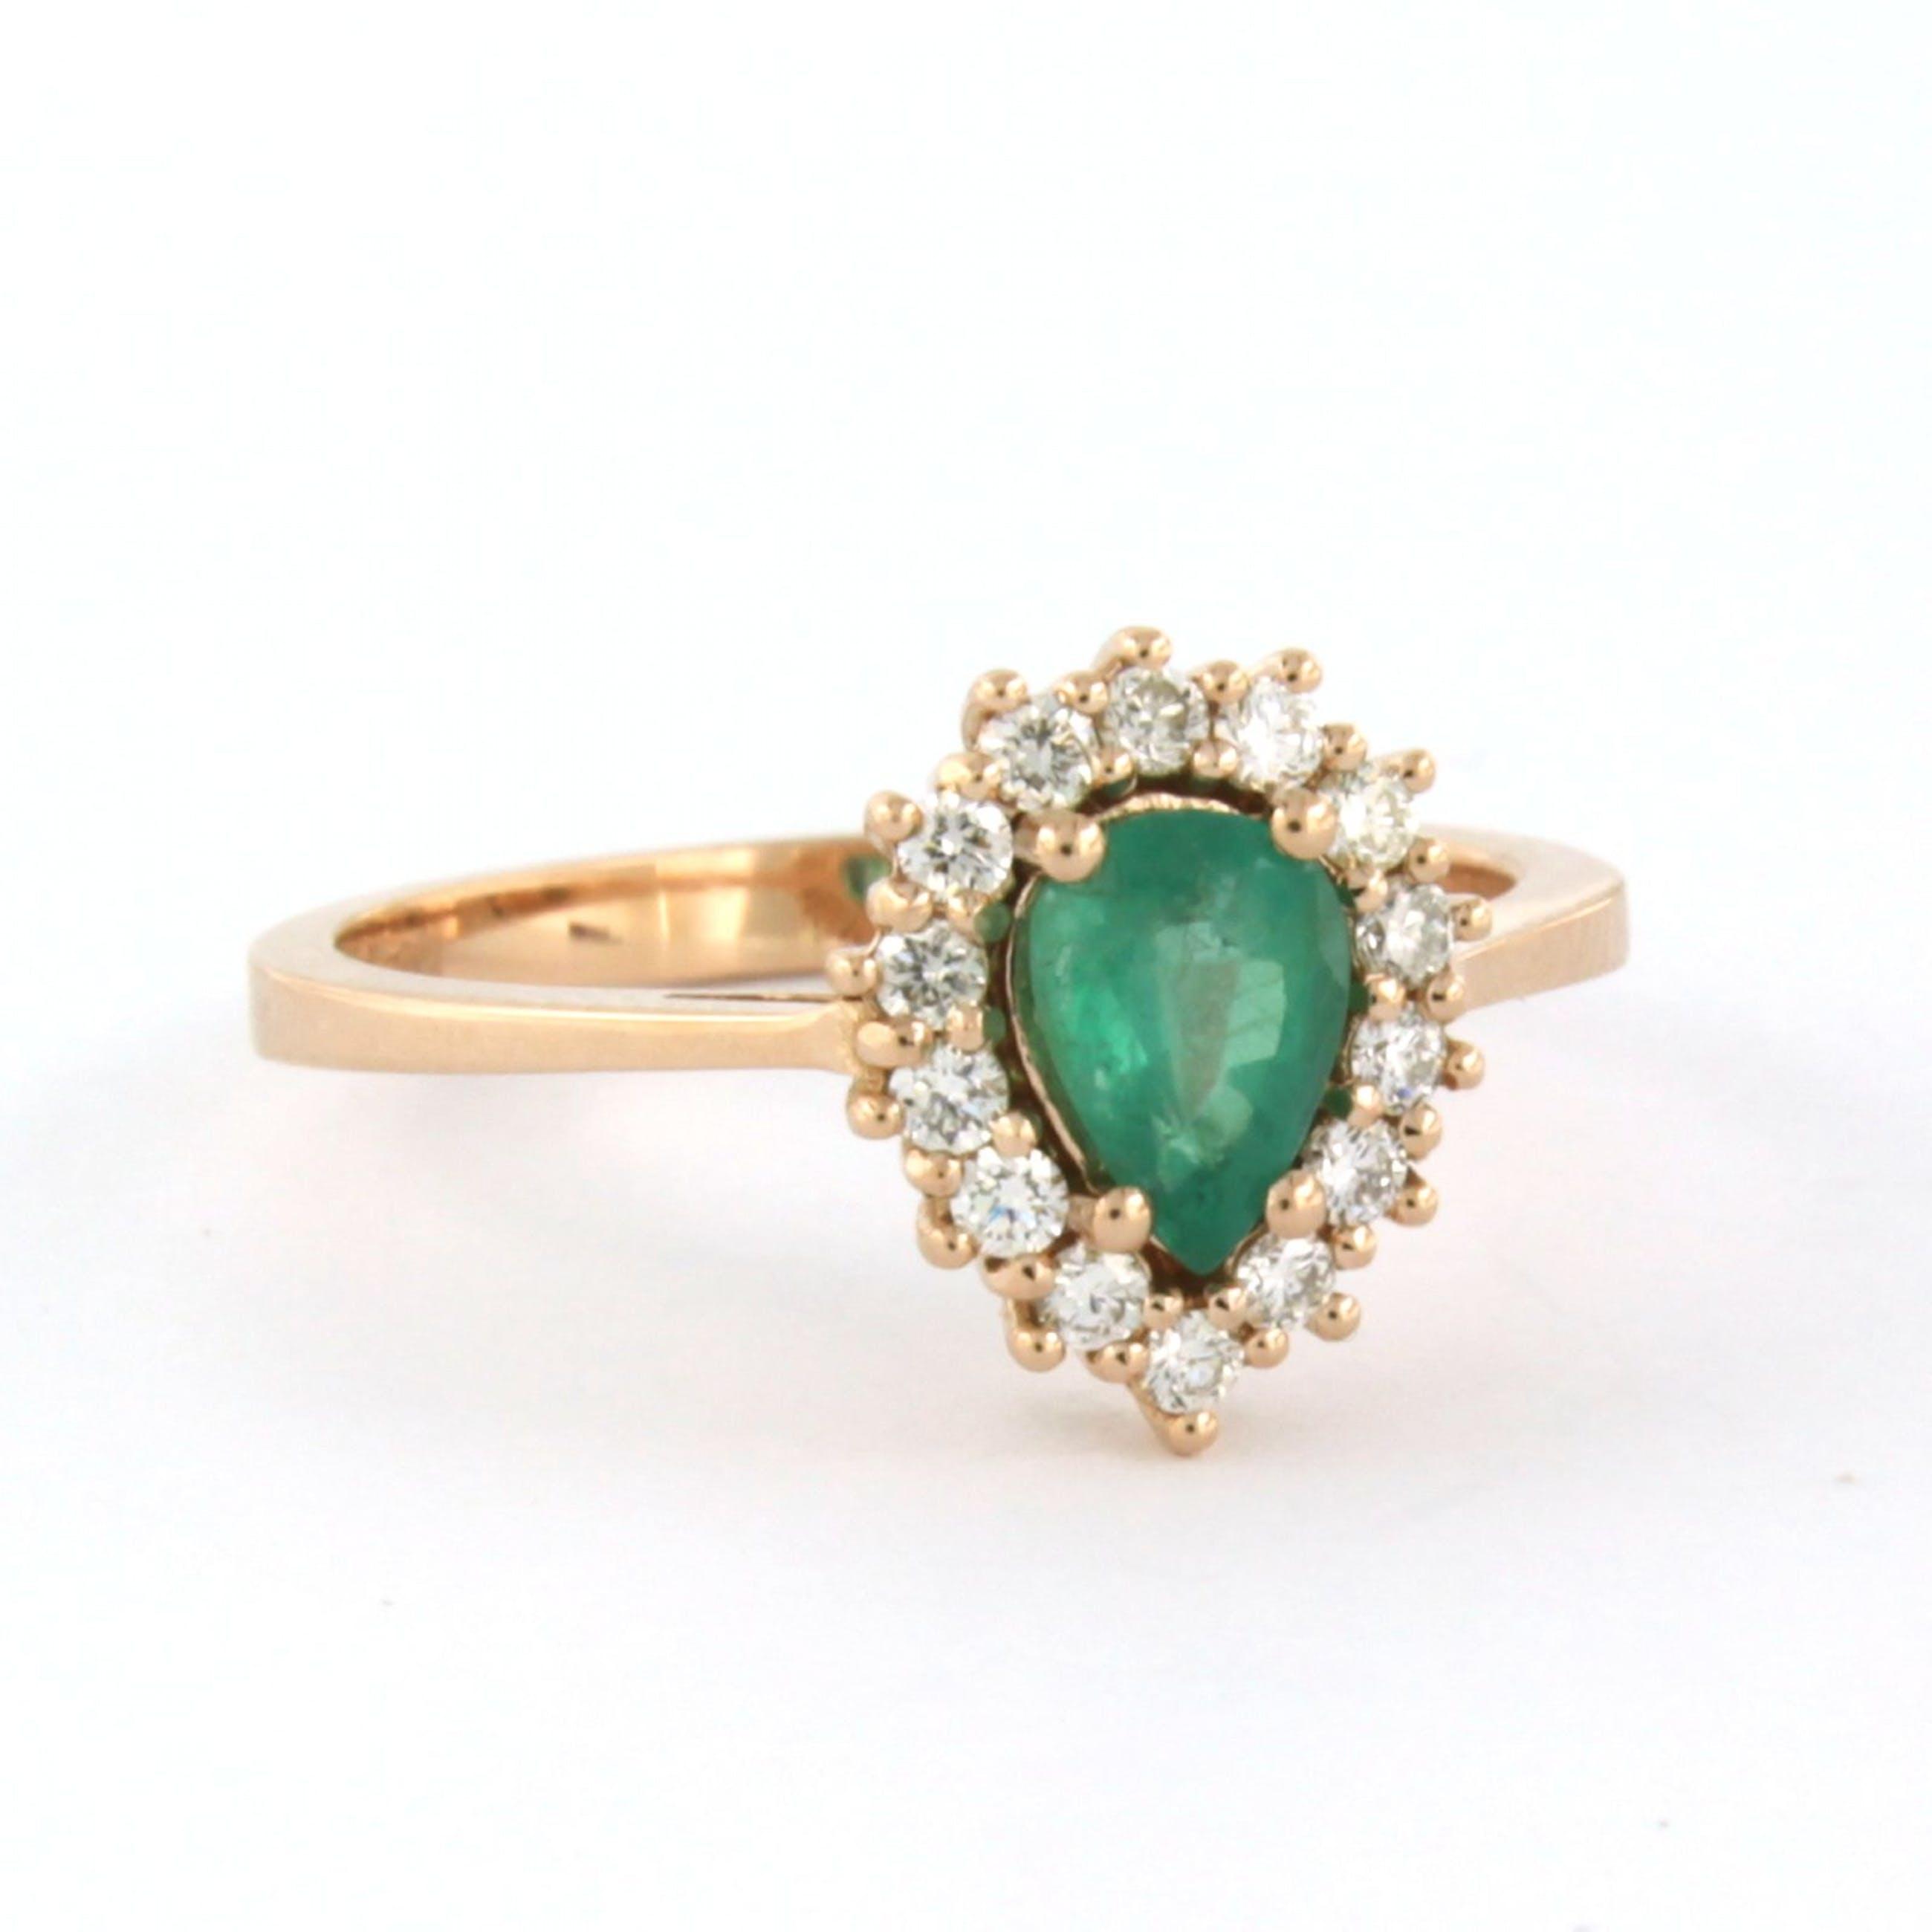 18k roodgouden entourage ring bezet met smaragd en briljant geslepen diamant kopen? Bied vanaf 540!